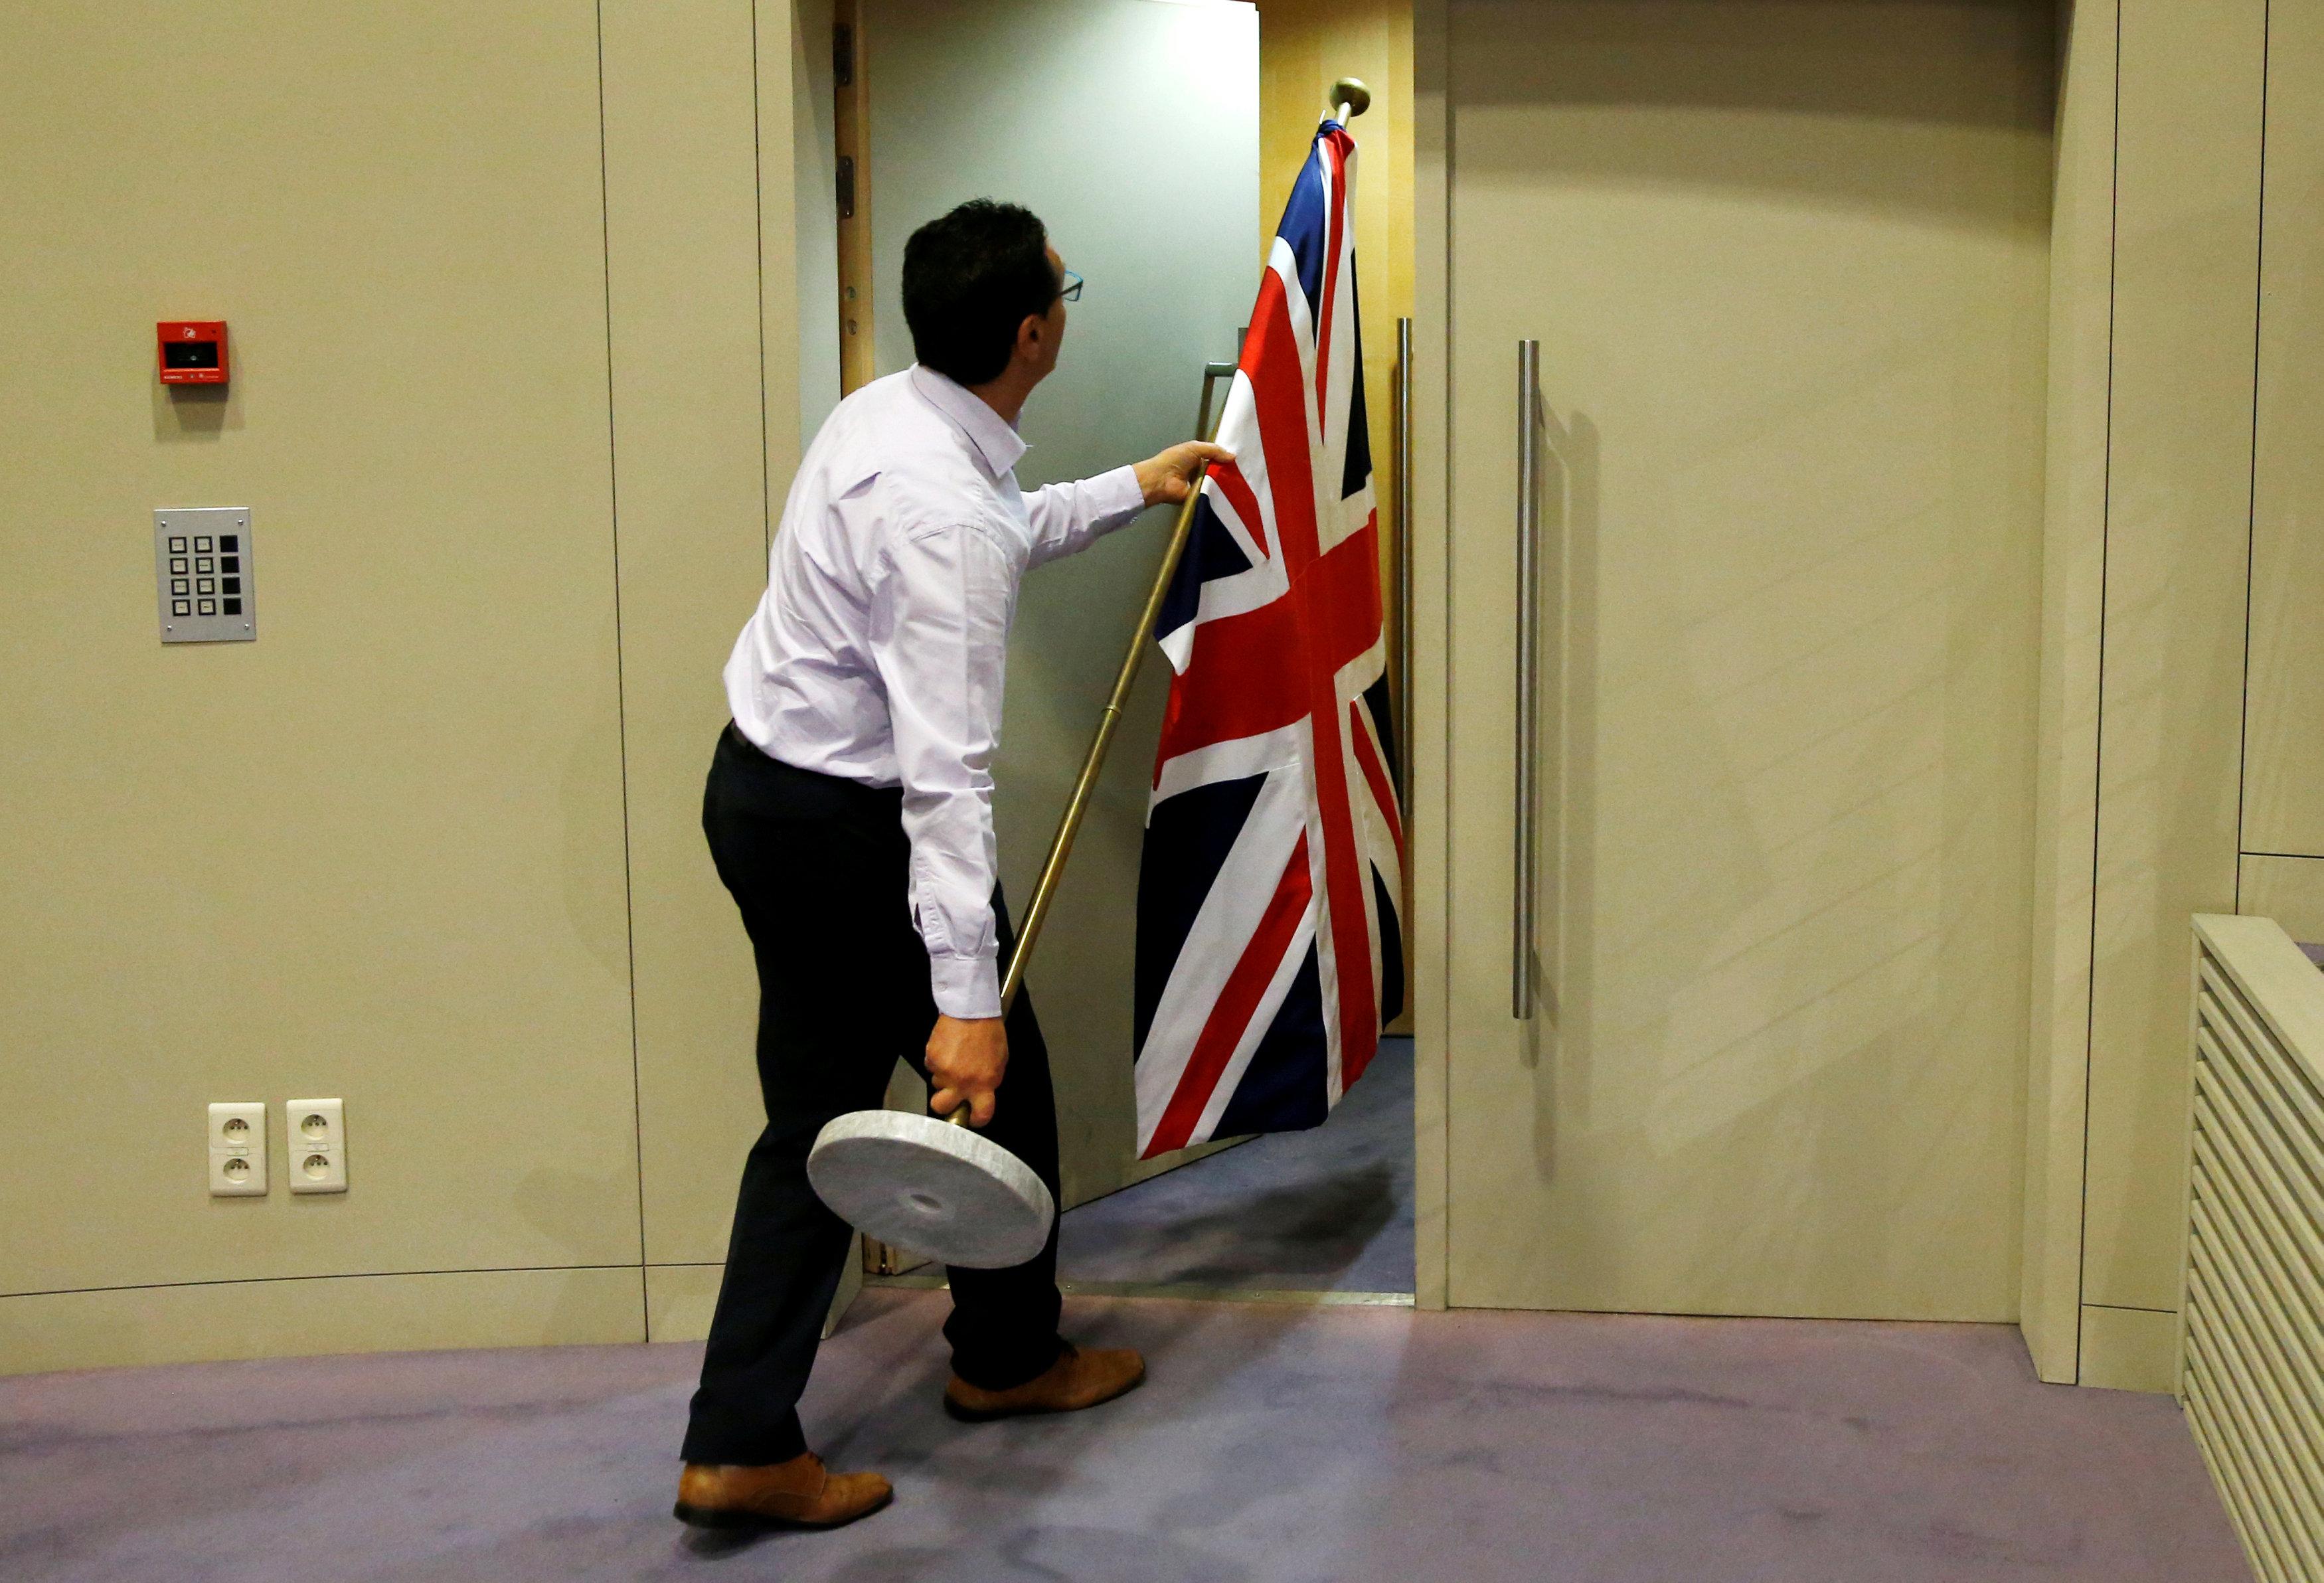 Take it or leave it για το Brexit! Τζόνσον σε Ευρωπαίους: Αυτή είναι η συμφωνία κι αν σας αρέσει! Τα βασικά της σημεία